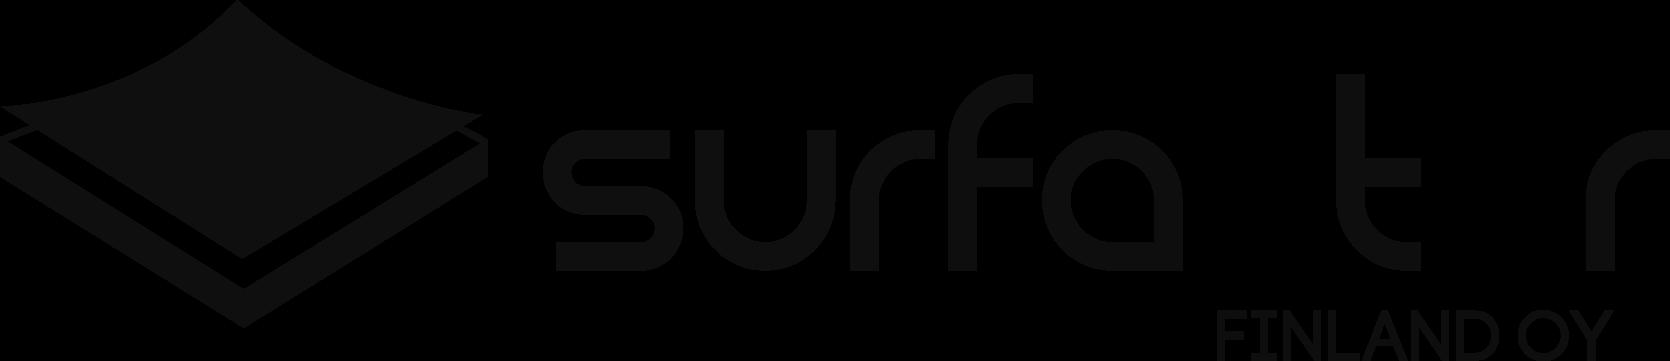 Surfactor Finland